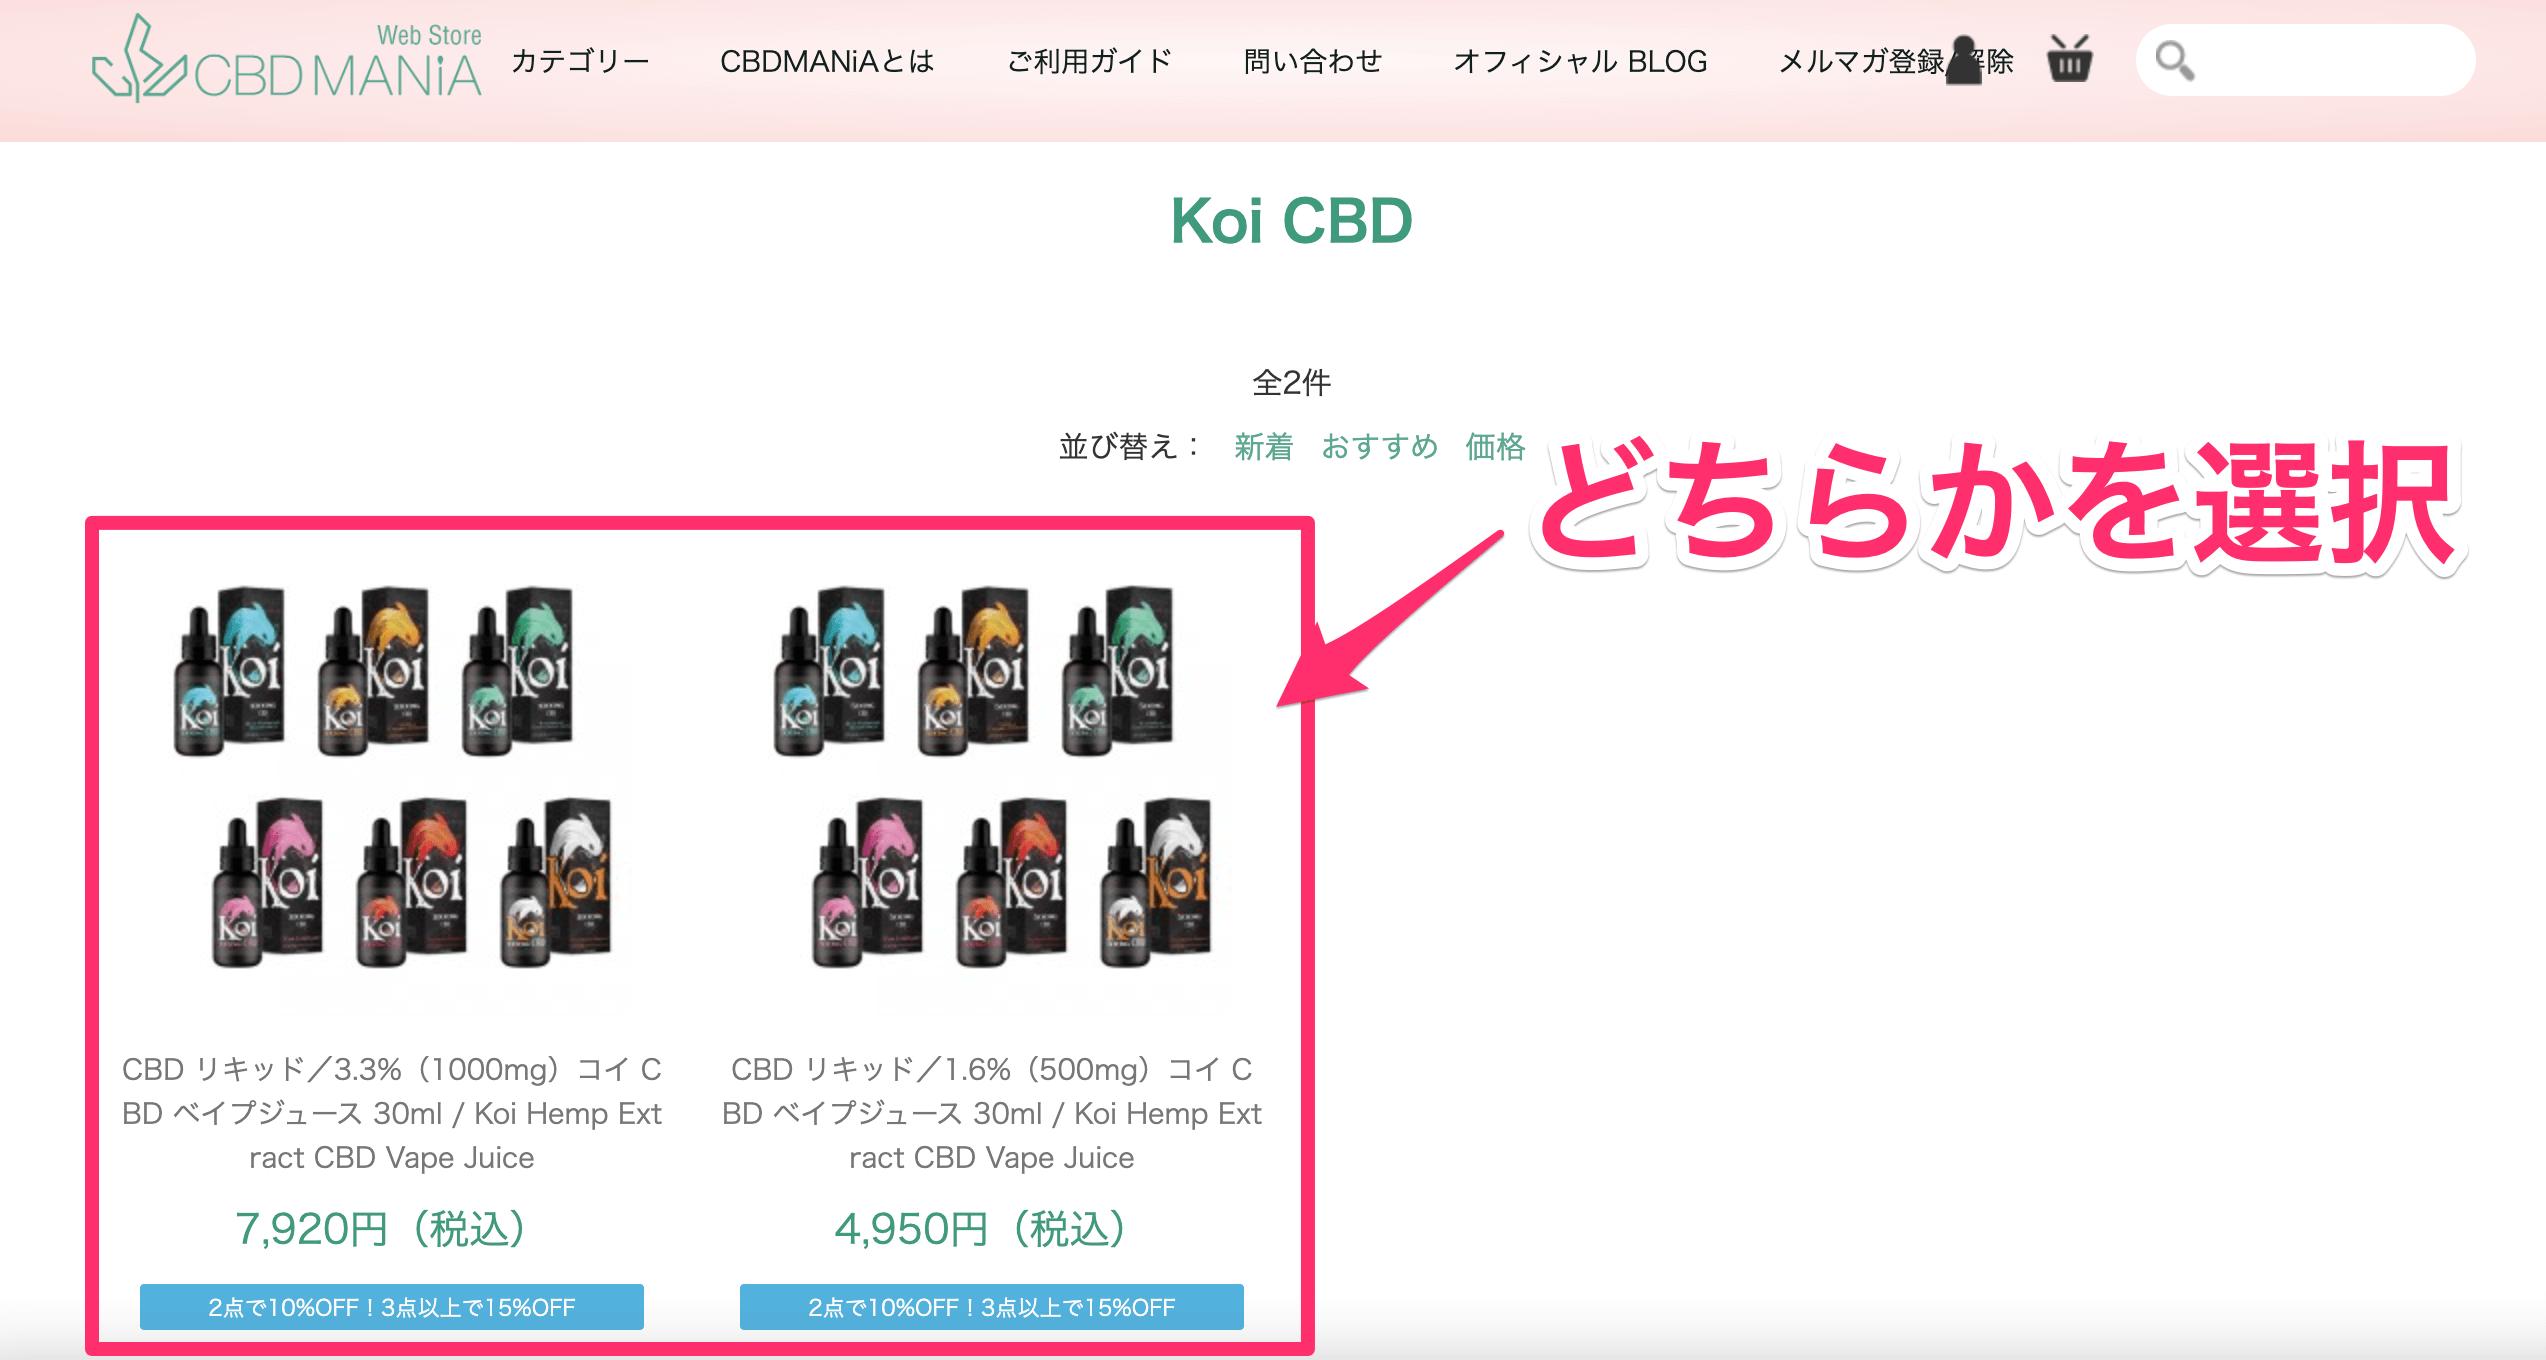 購入タイプの選択